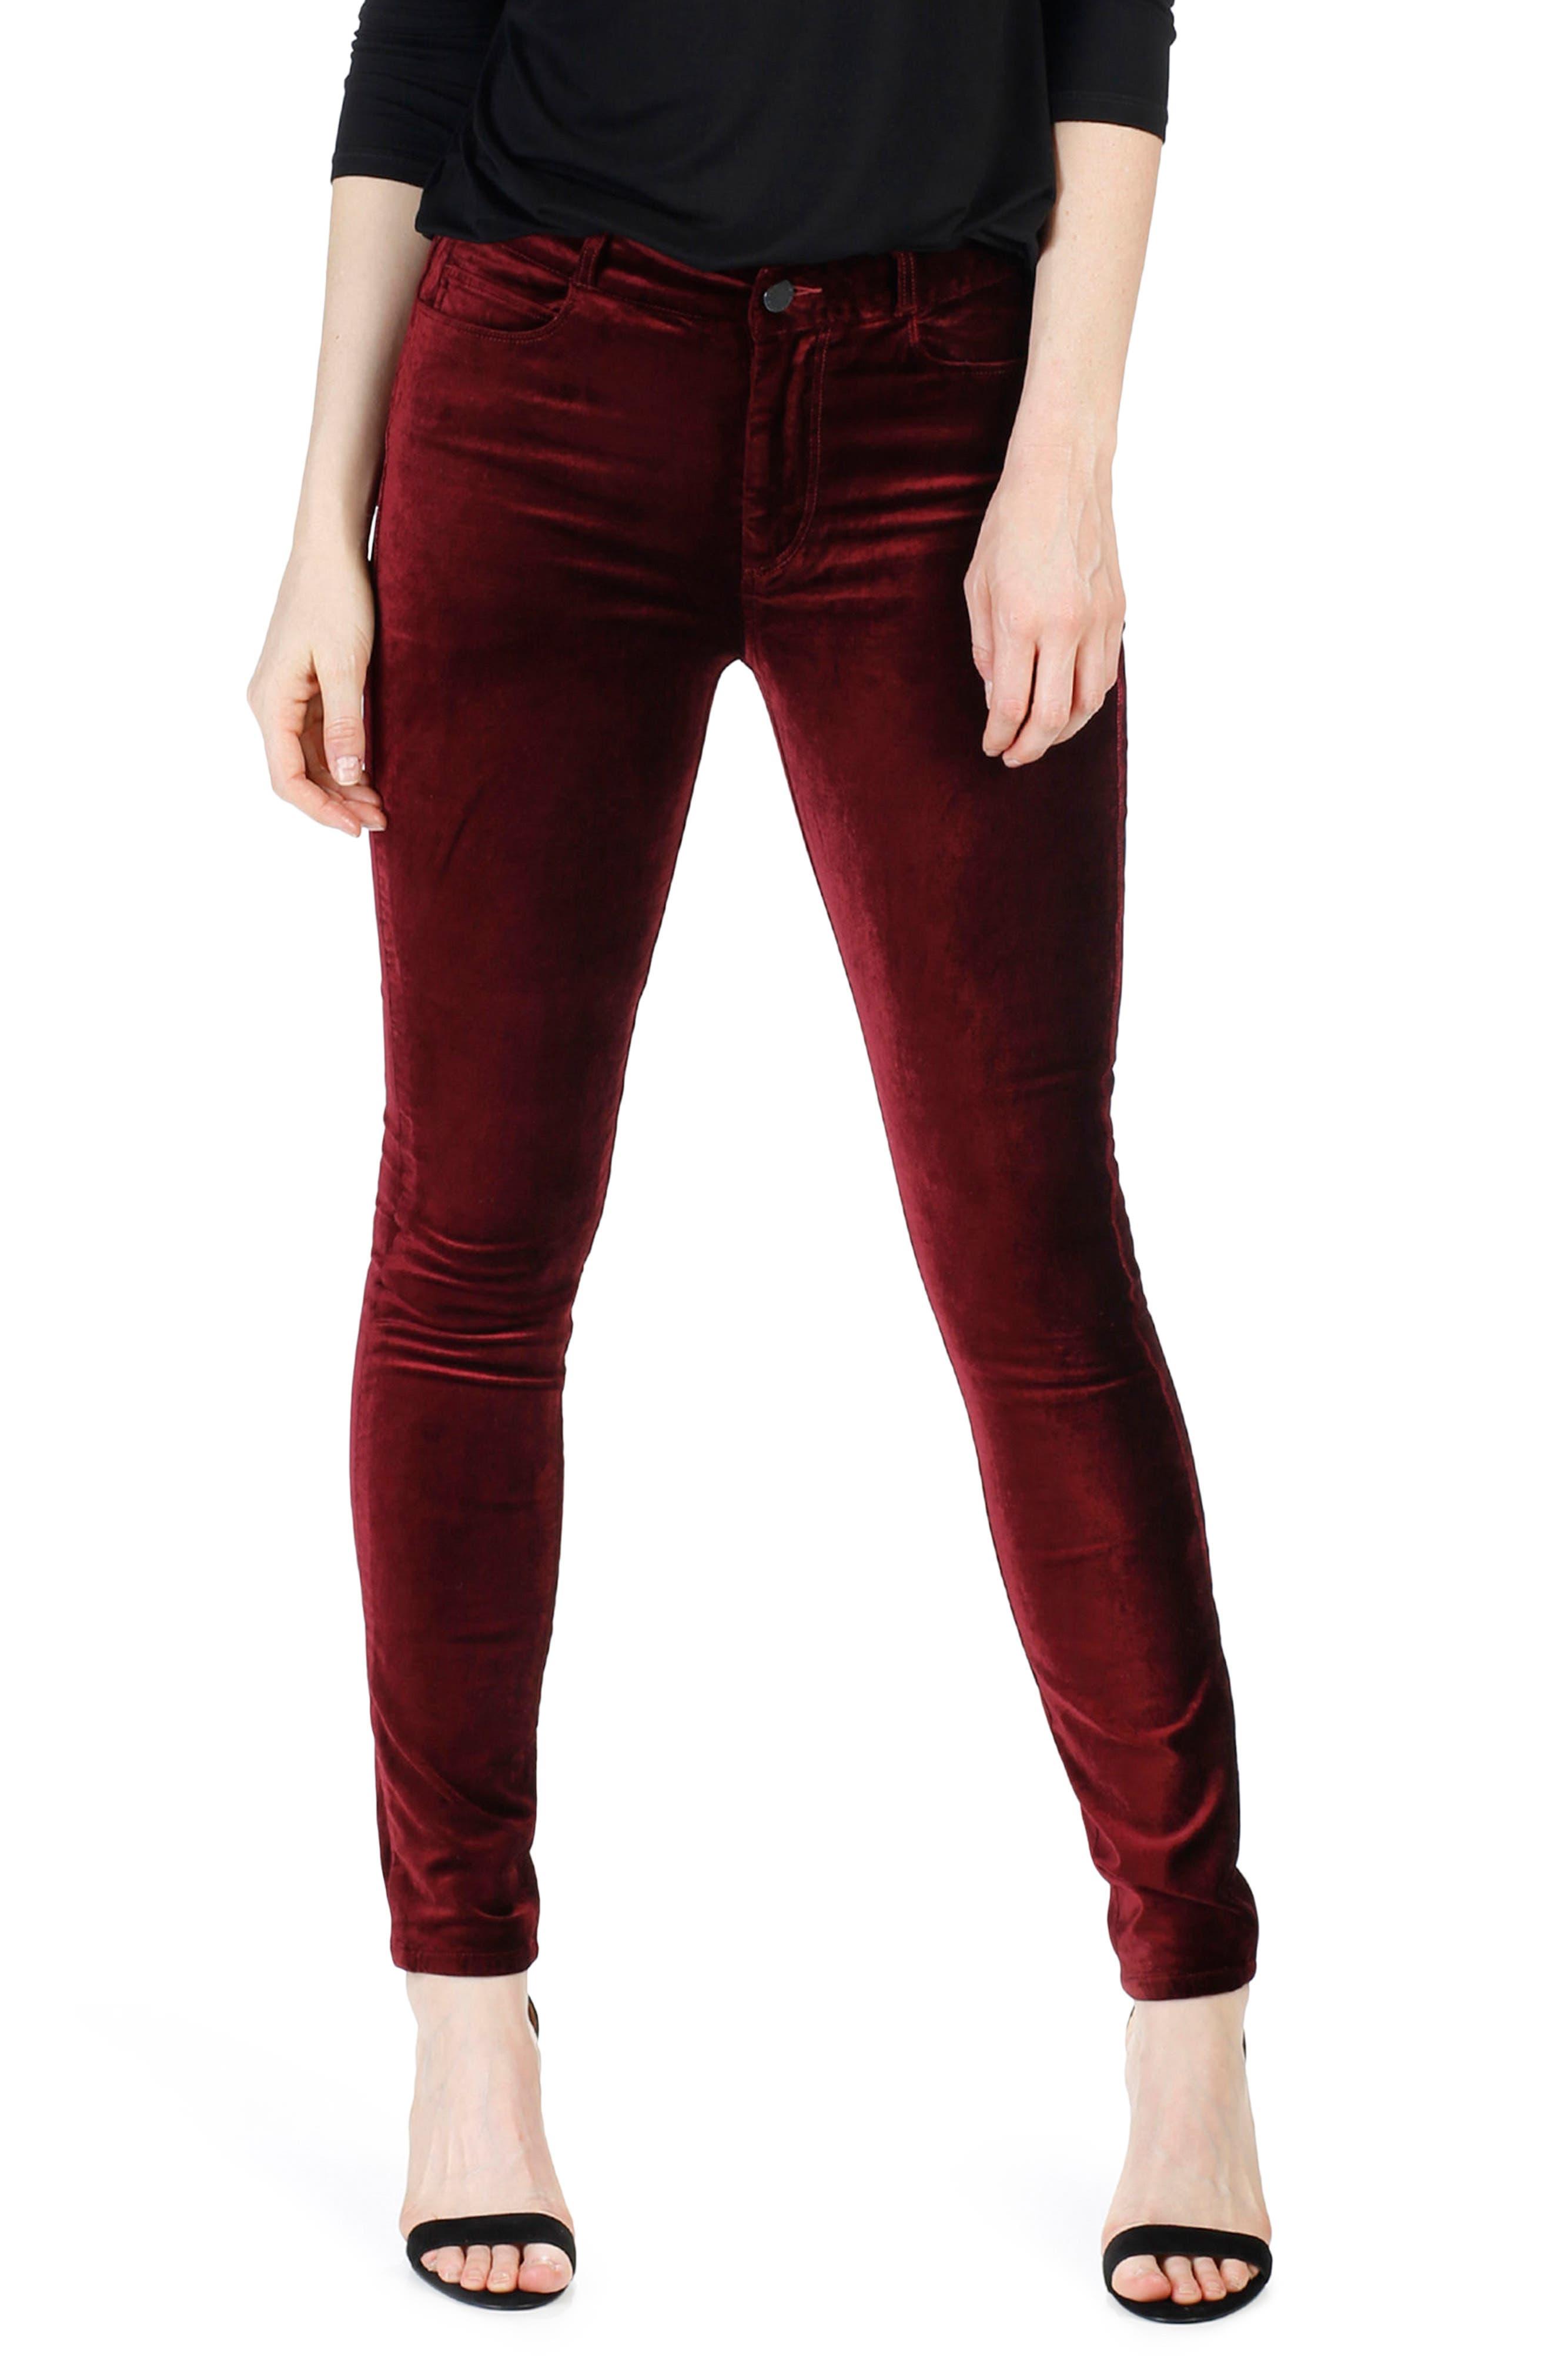 Hoxton Velvet Skinny Jeans,                             Main thumbnail 1, color,                             607